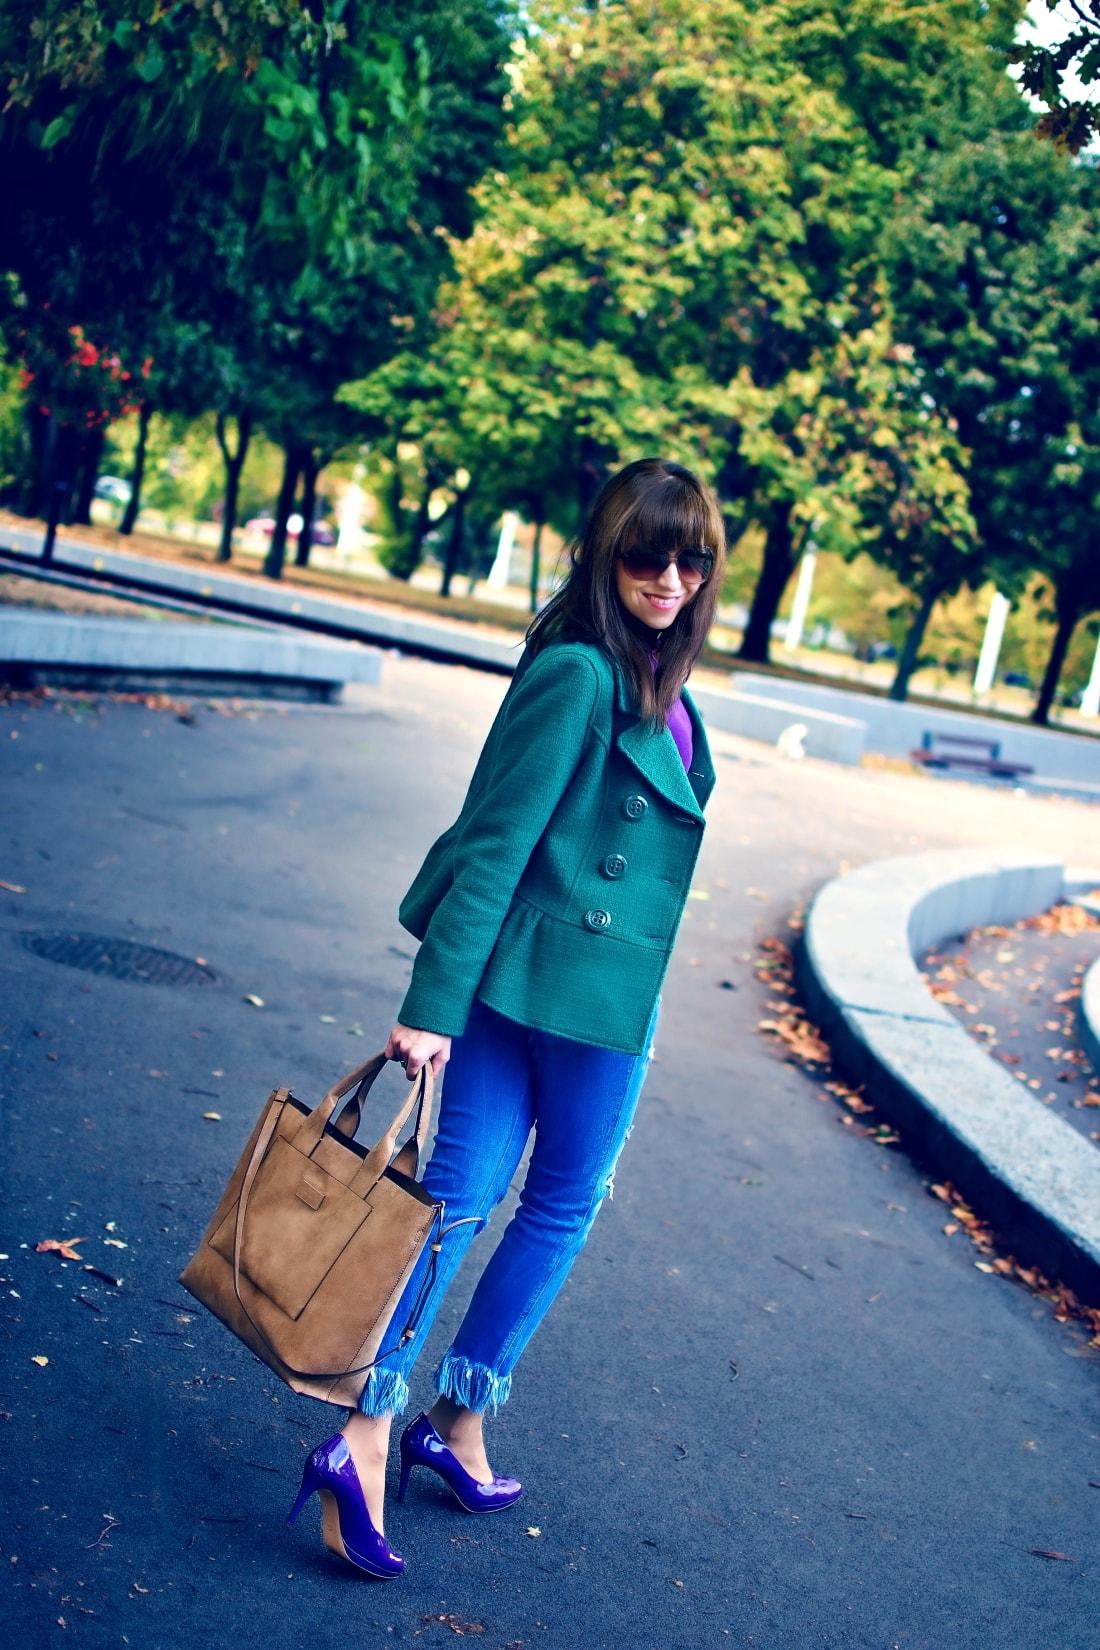 Čaro mesačného svitu_Katharine-fashion is beautiful_blog 4_Zelený kabát_Džínsy Zara_Fialové lodičky_Kabelka Parfois_Fialový rolák_Katarína Jakubčová_Fashion blogger